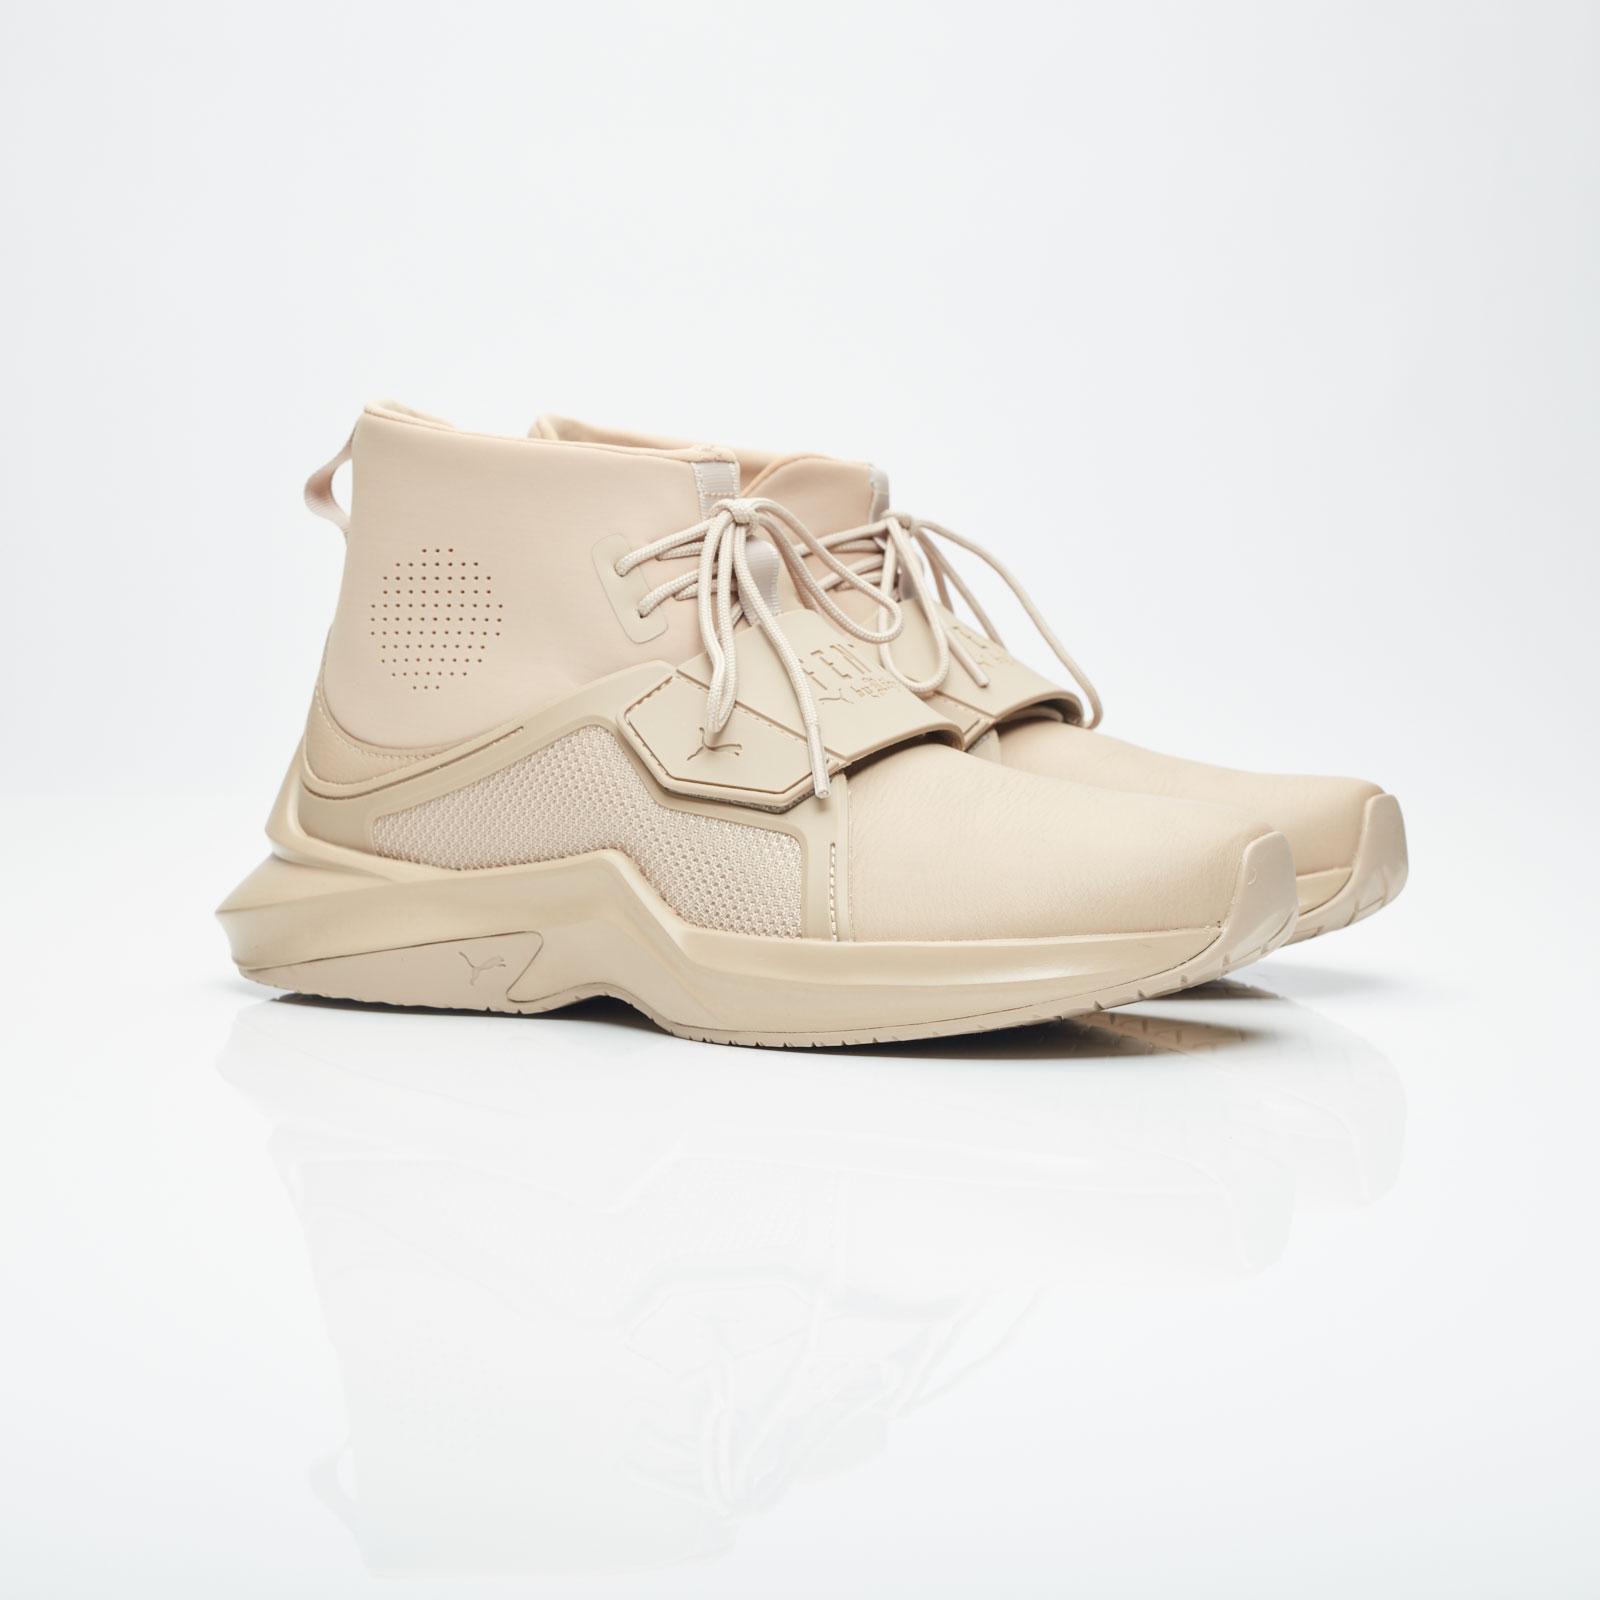 Puma Fenty Hi Leather Wns - 190398-03 - Sneakersnstuff  5cf607eb3a6cf